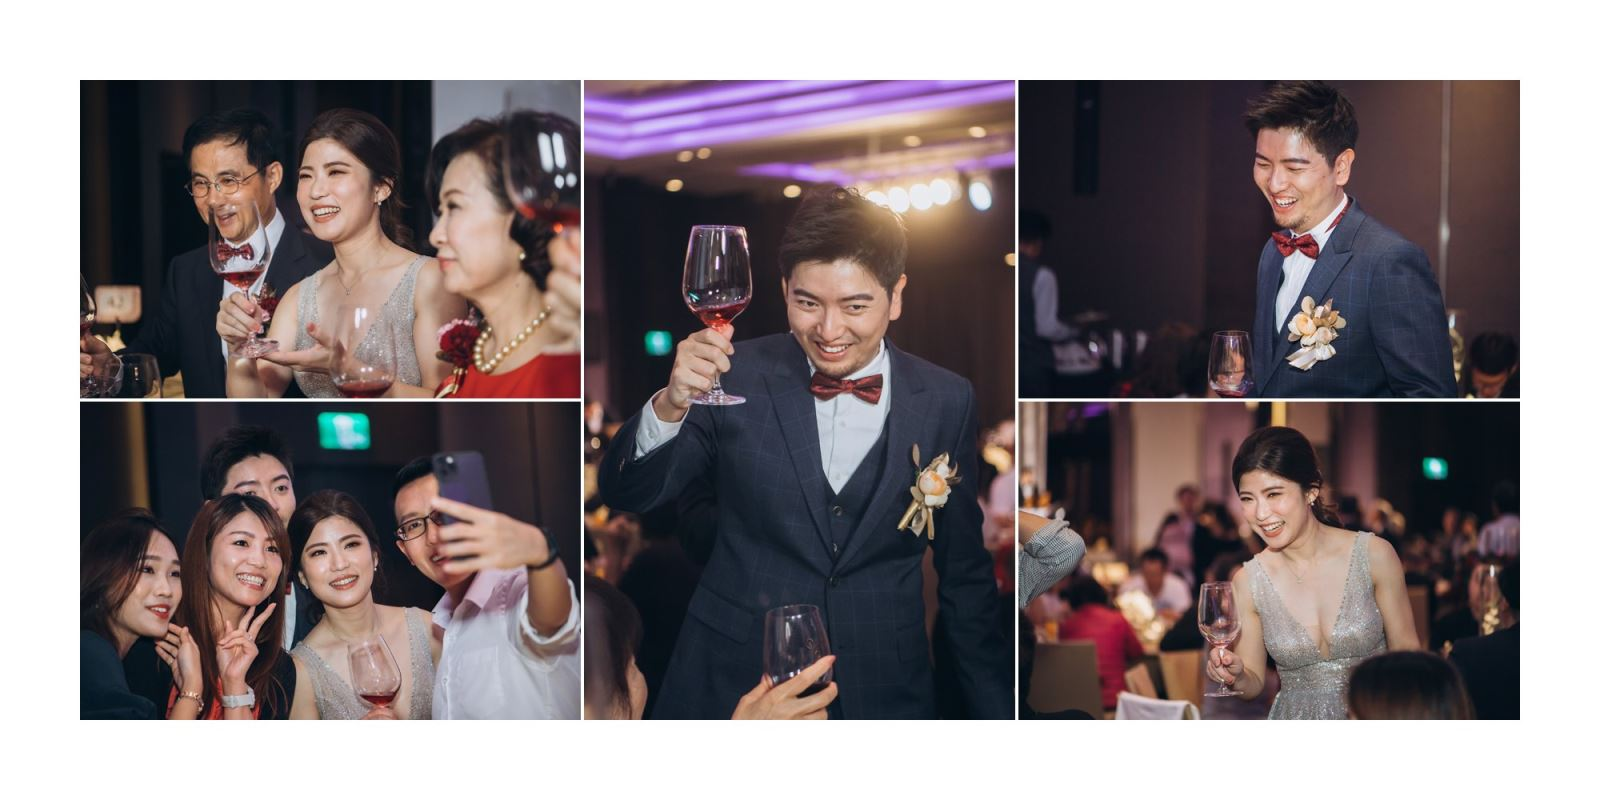 14.婚禮上的逐桌敬酒,可以很悠閒不倉促. TWO in ONE婚禮主持人會與你分享.